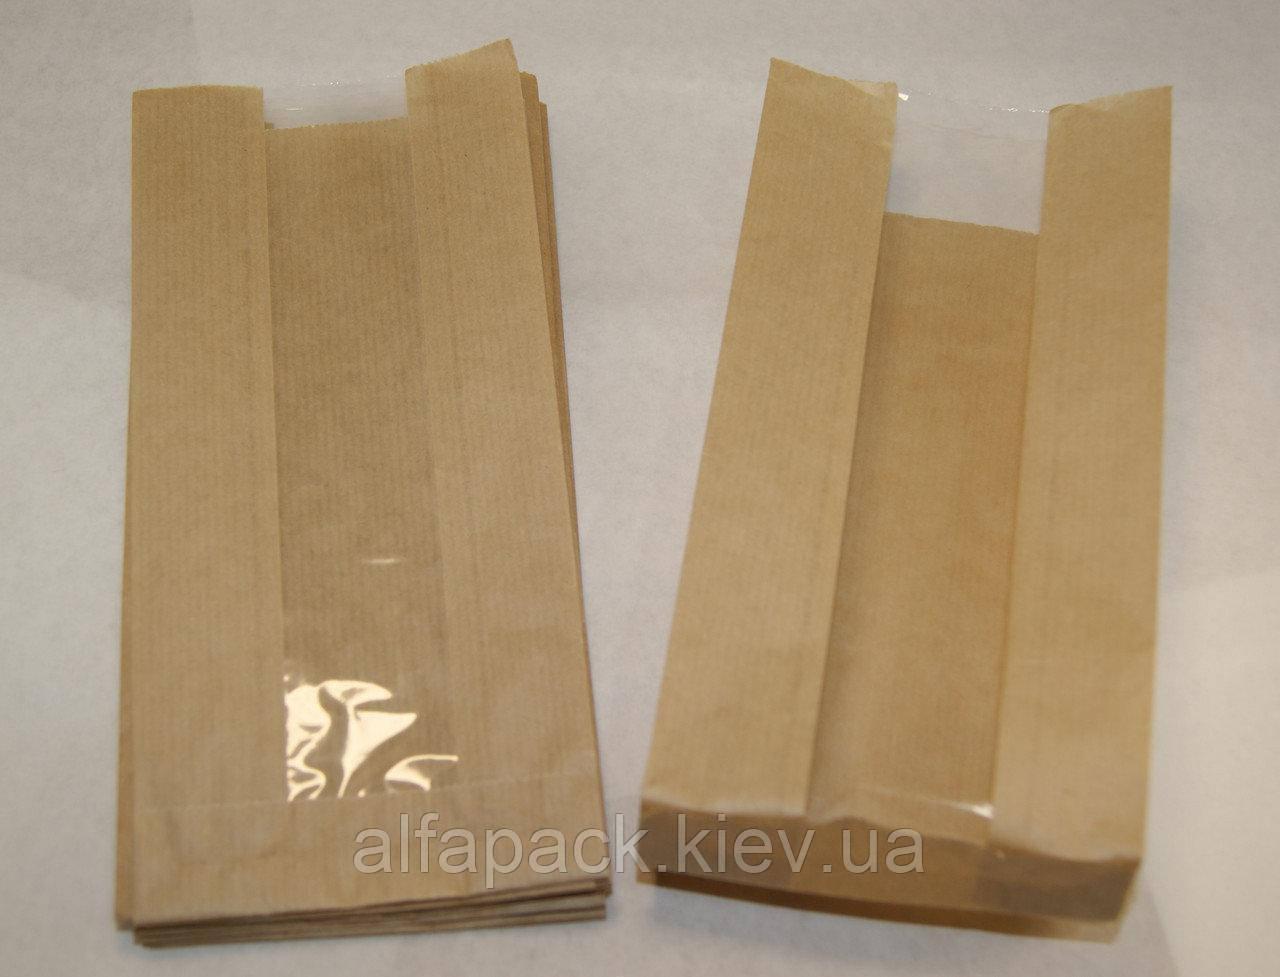 Пакет саше бумажный бурый с окном 310х90х50/40 мм